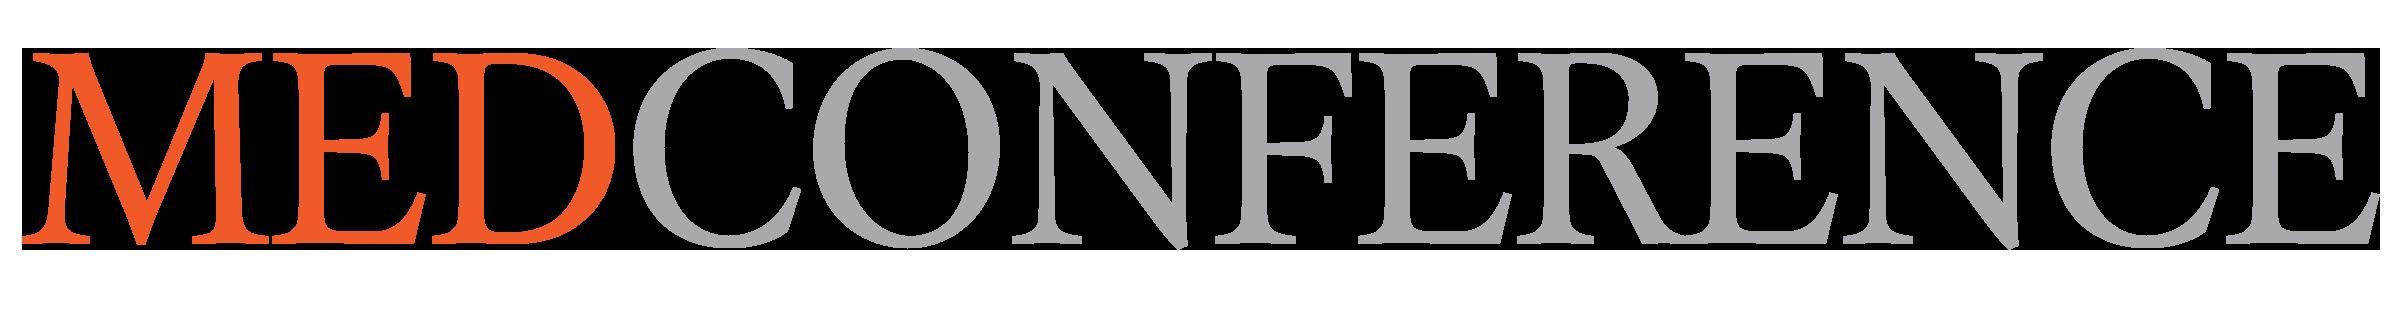 MedConference-logo.png